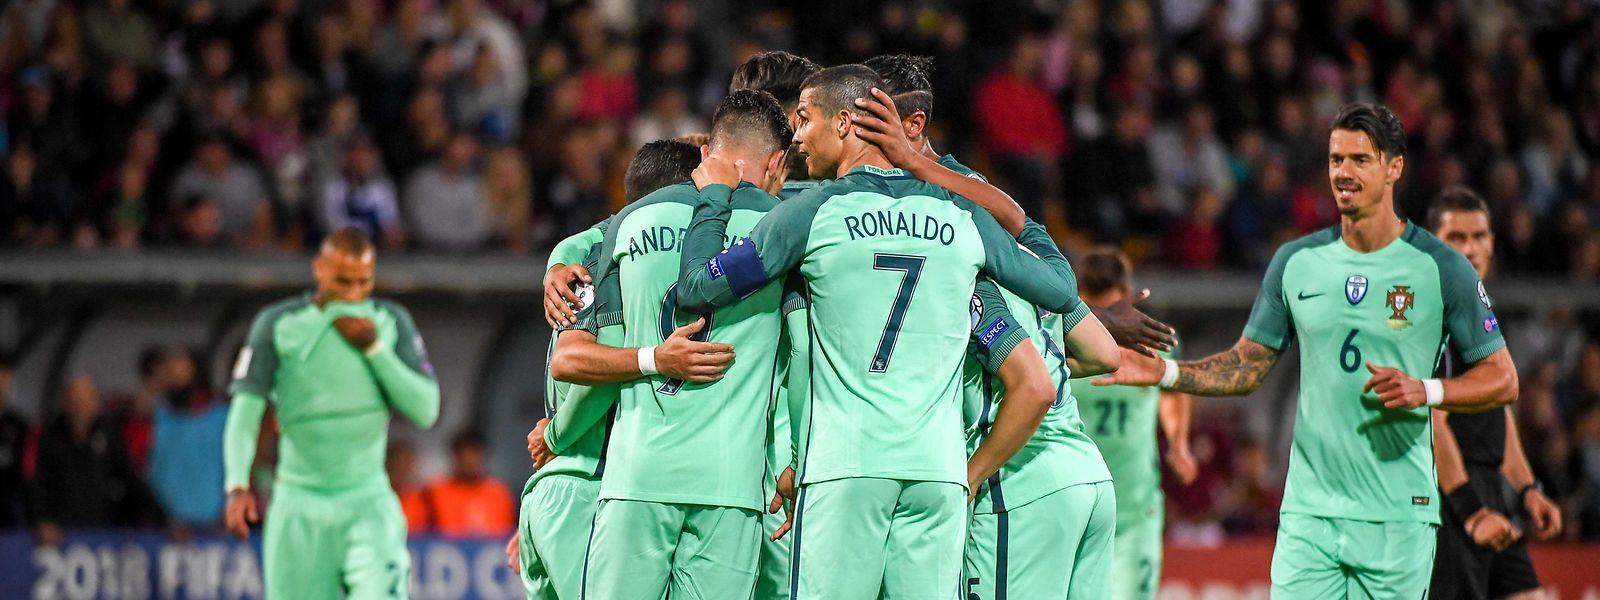 Seleção das quinas está de regresso ao 'Top 5' do futebol mundial.